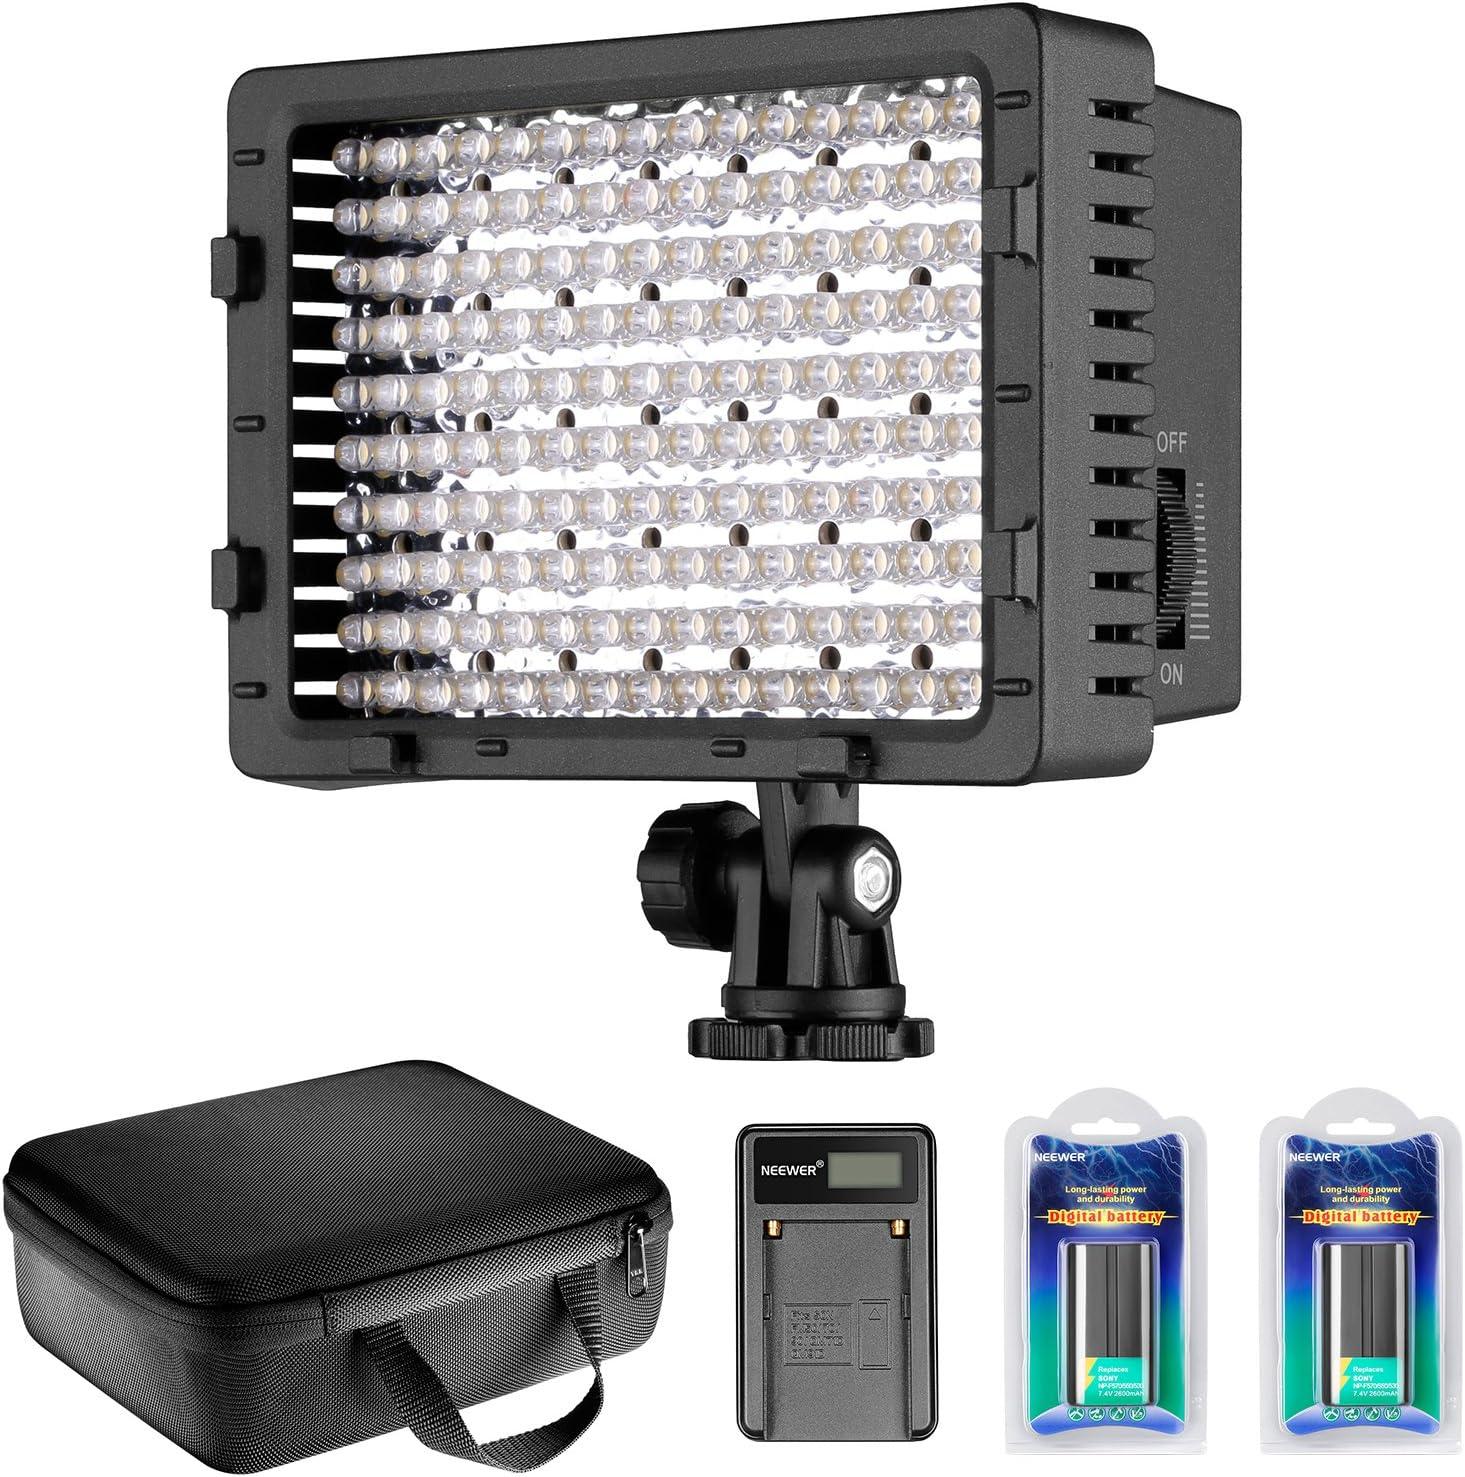 Neewer - Luz de vídeo LED Regulable 216 LED para cámara de vídeo con 2 Pilas de Litio NP-F550 2600 mAh Cargador USB Bolsa de Transporte para grabación de vídeo Youtube: Amazon.es: Electrónica